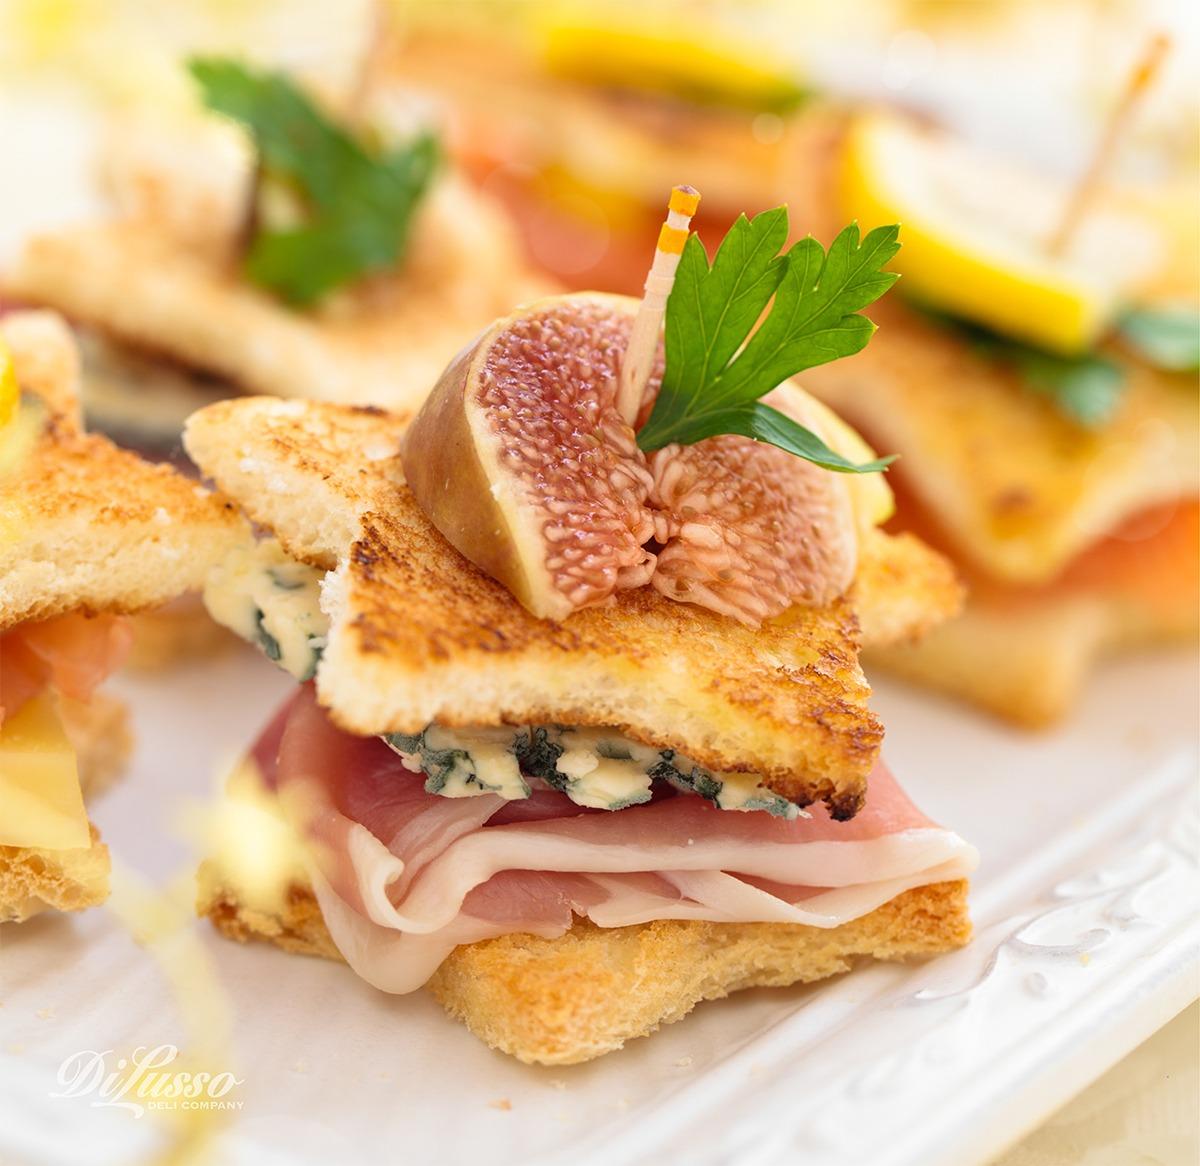 Star of Wonder Sandwiches